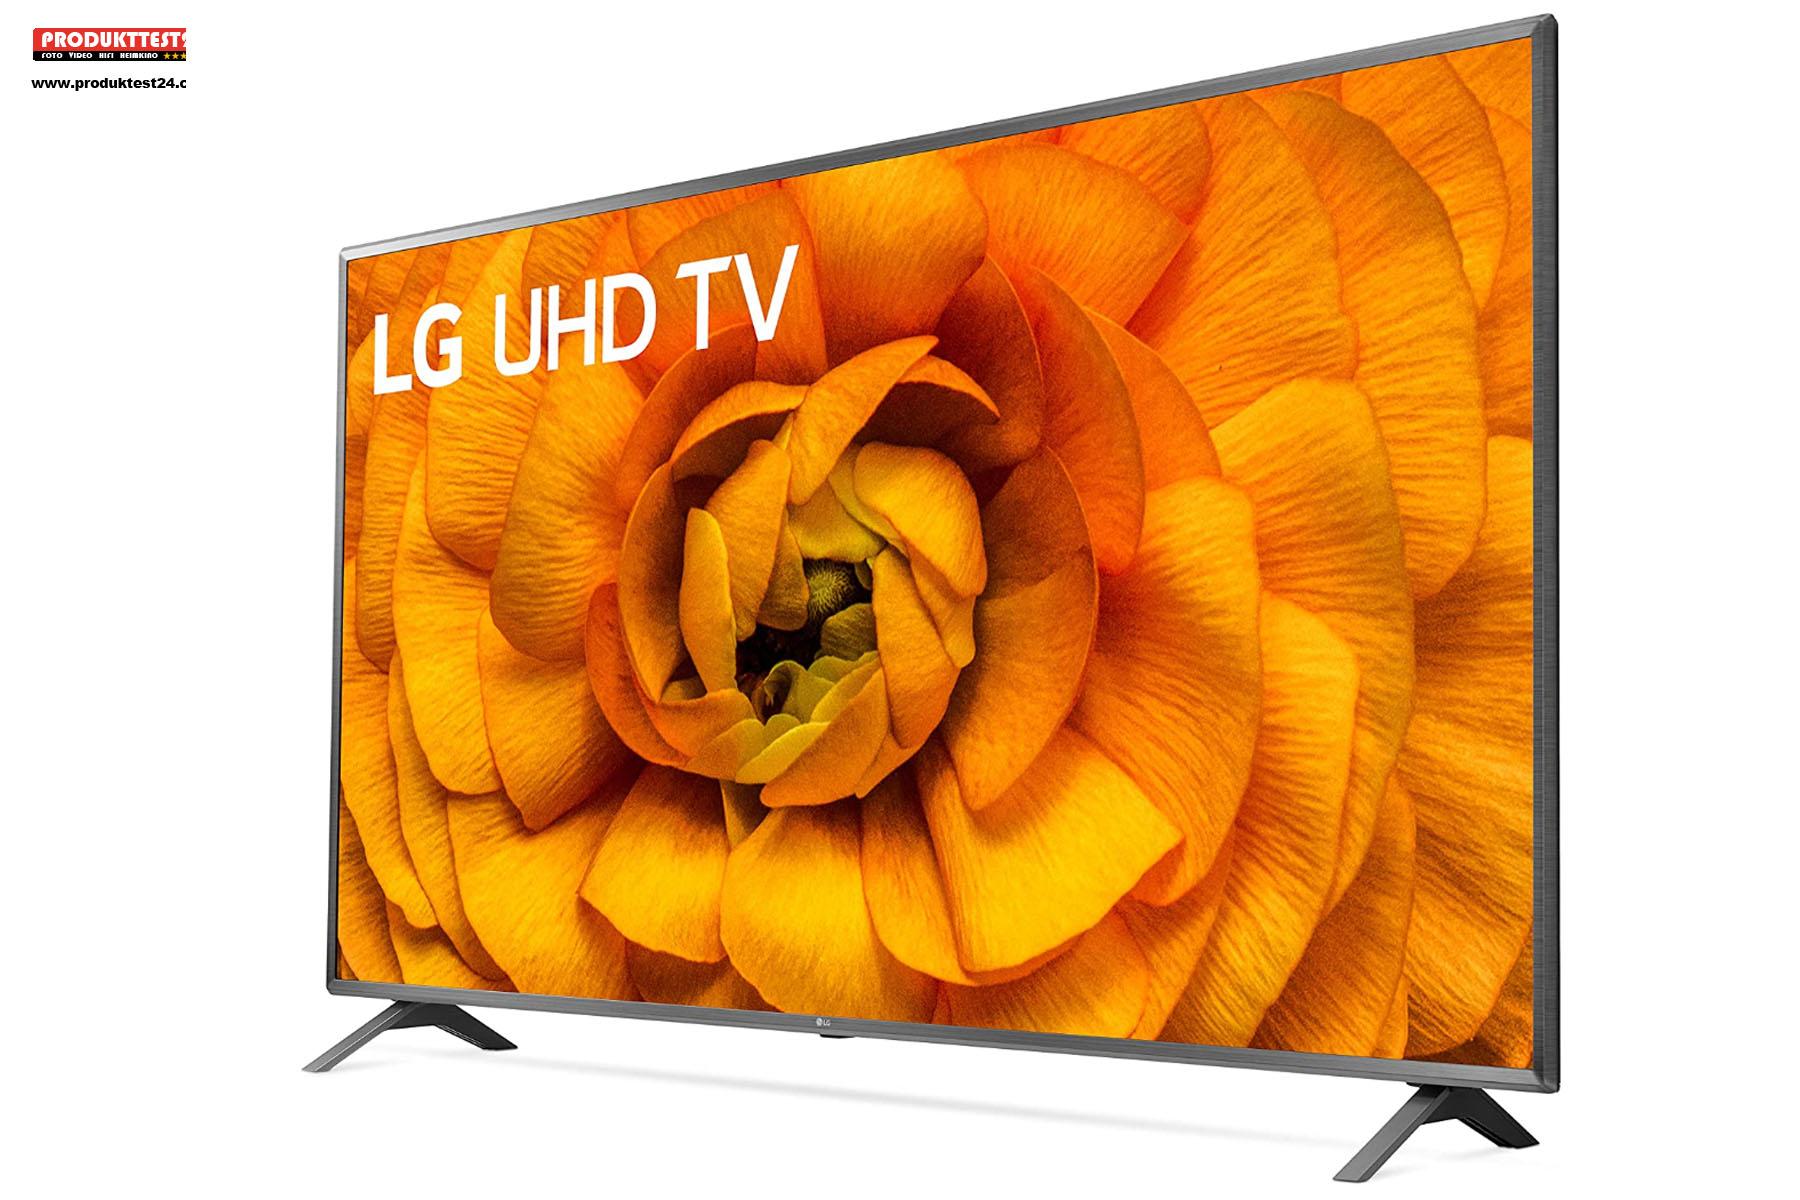 Der LG 86UN8500 kann HDR10 pro, Dolby Vision IQ und Dolby Atmos